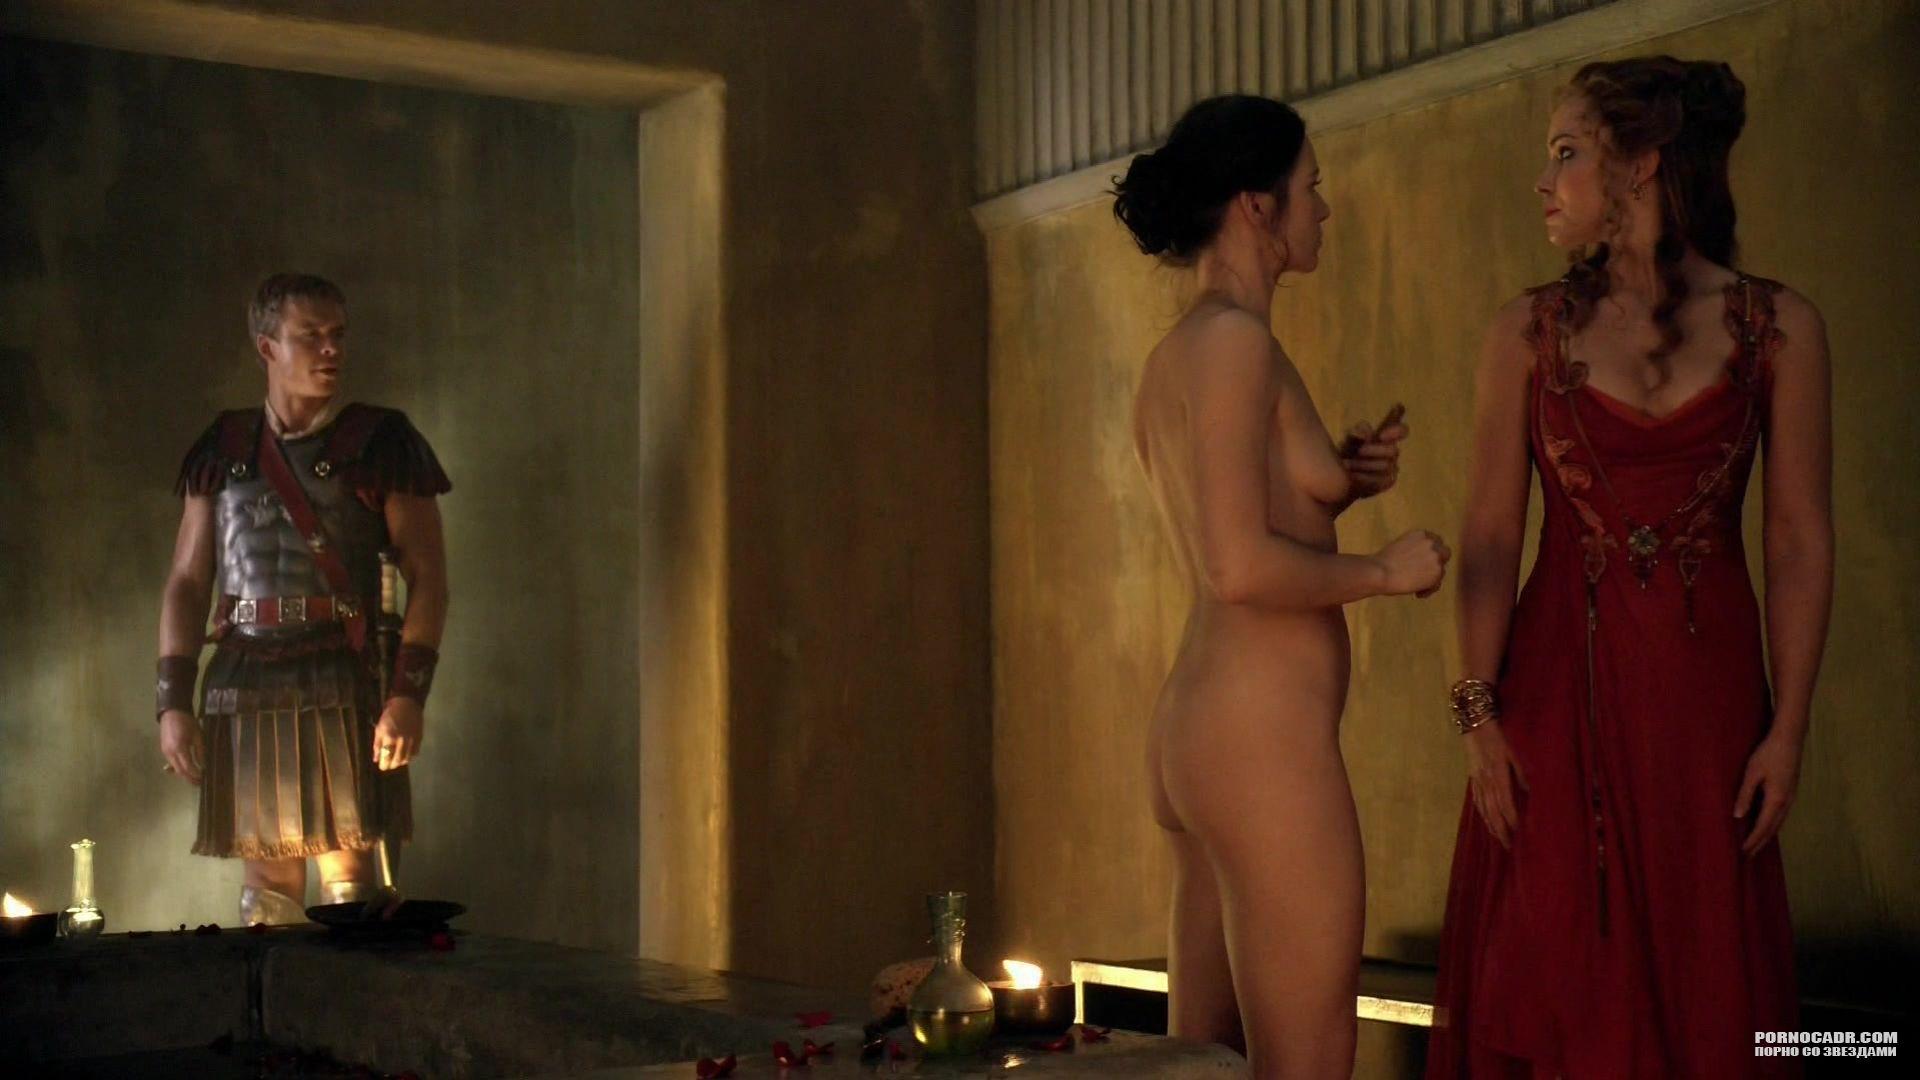 Anna hutchison nude — pic 8